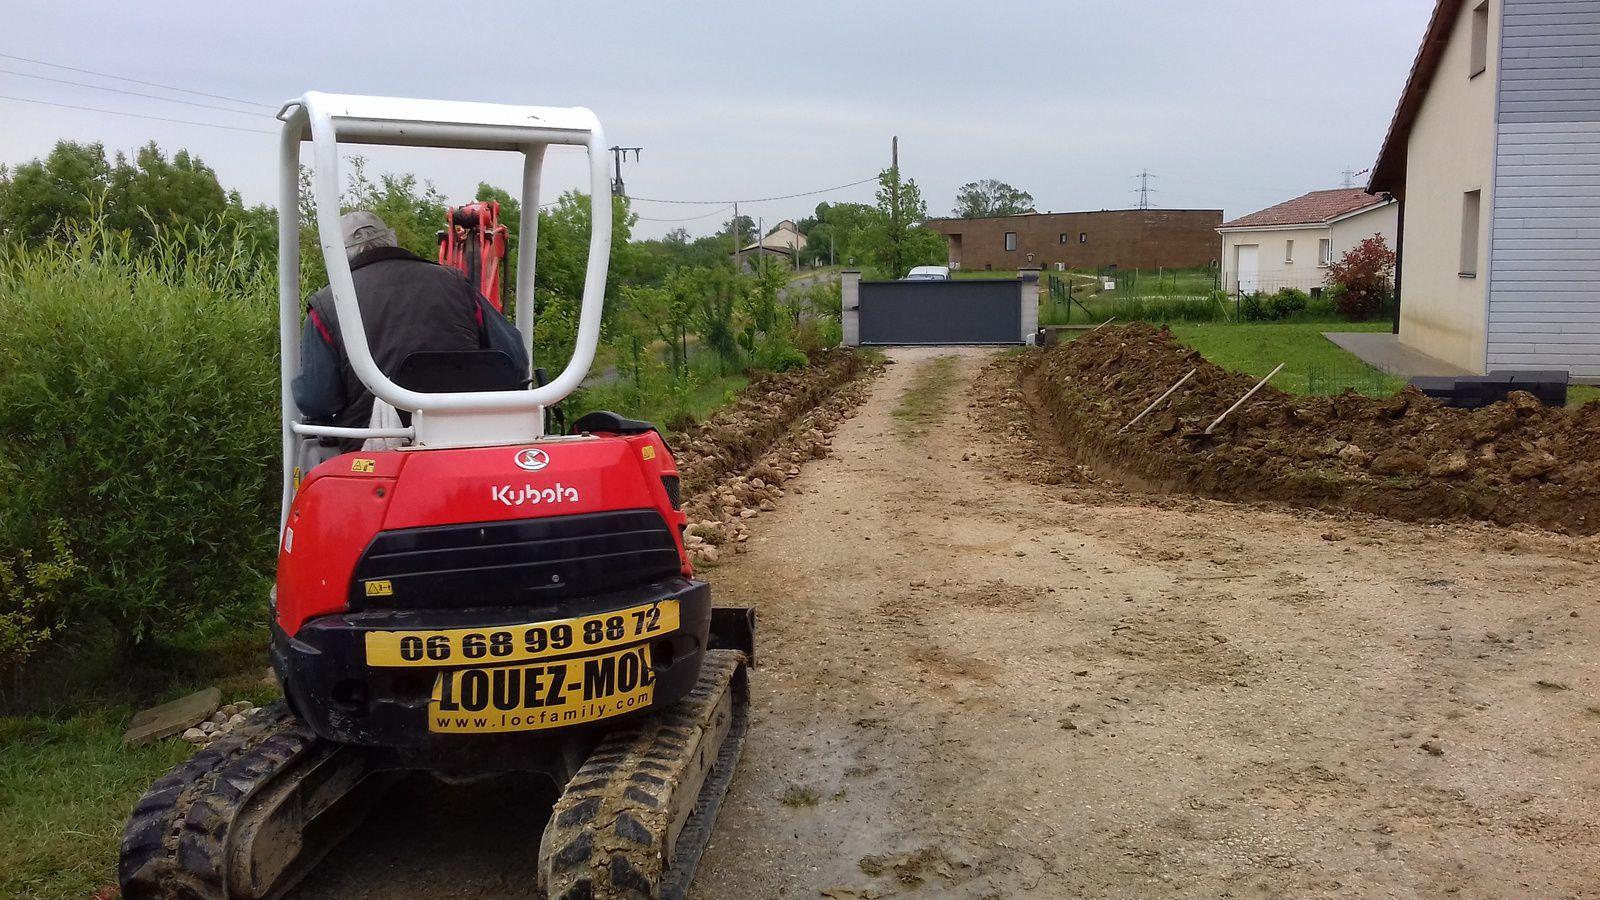 Allée De Garage En Béton Drainant réalisation d'un parking de garage et d'une allée en béton